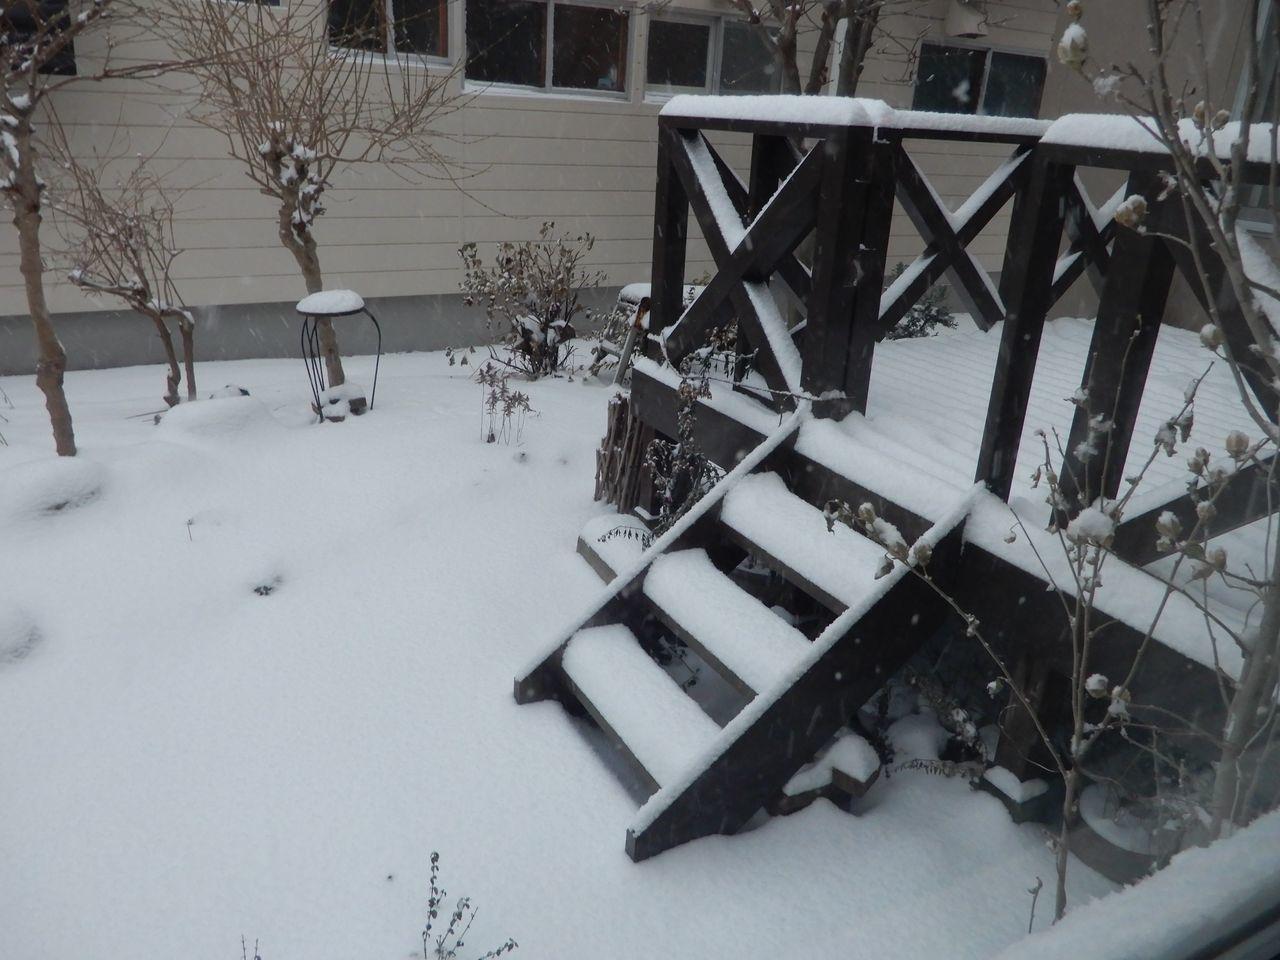 「ドカ雪」ではないものの「根雪」になりそうな積雪_c0025115_21590386.jpg